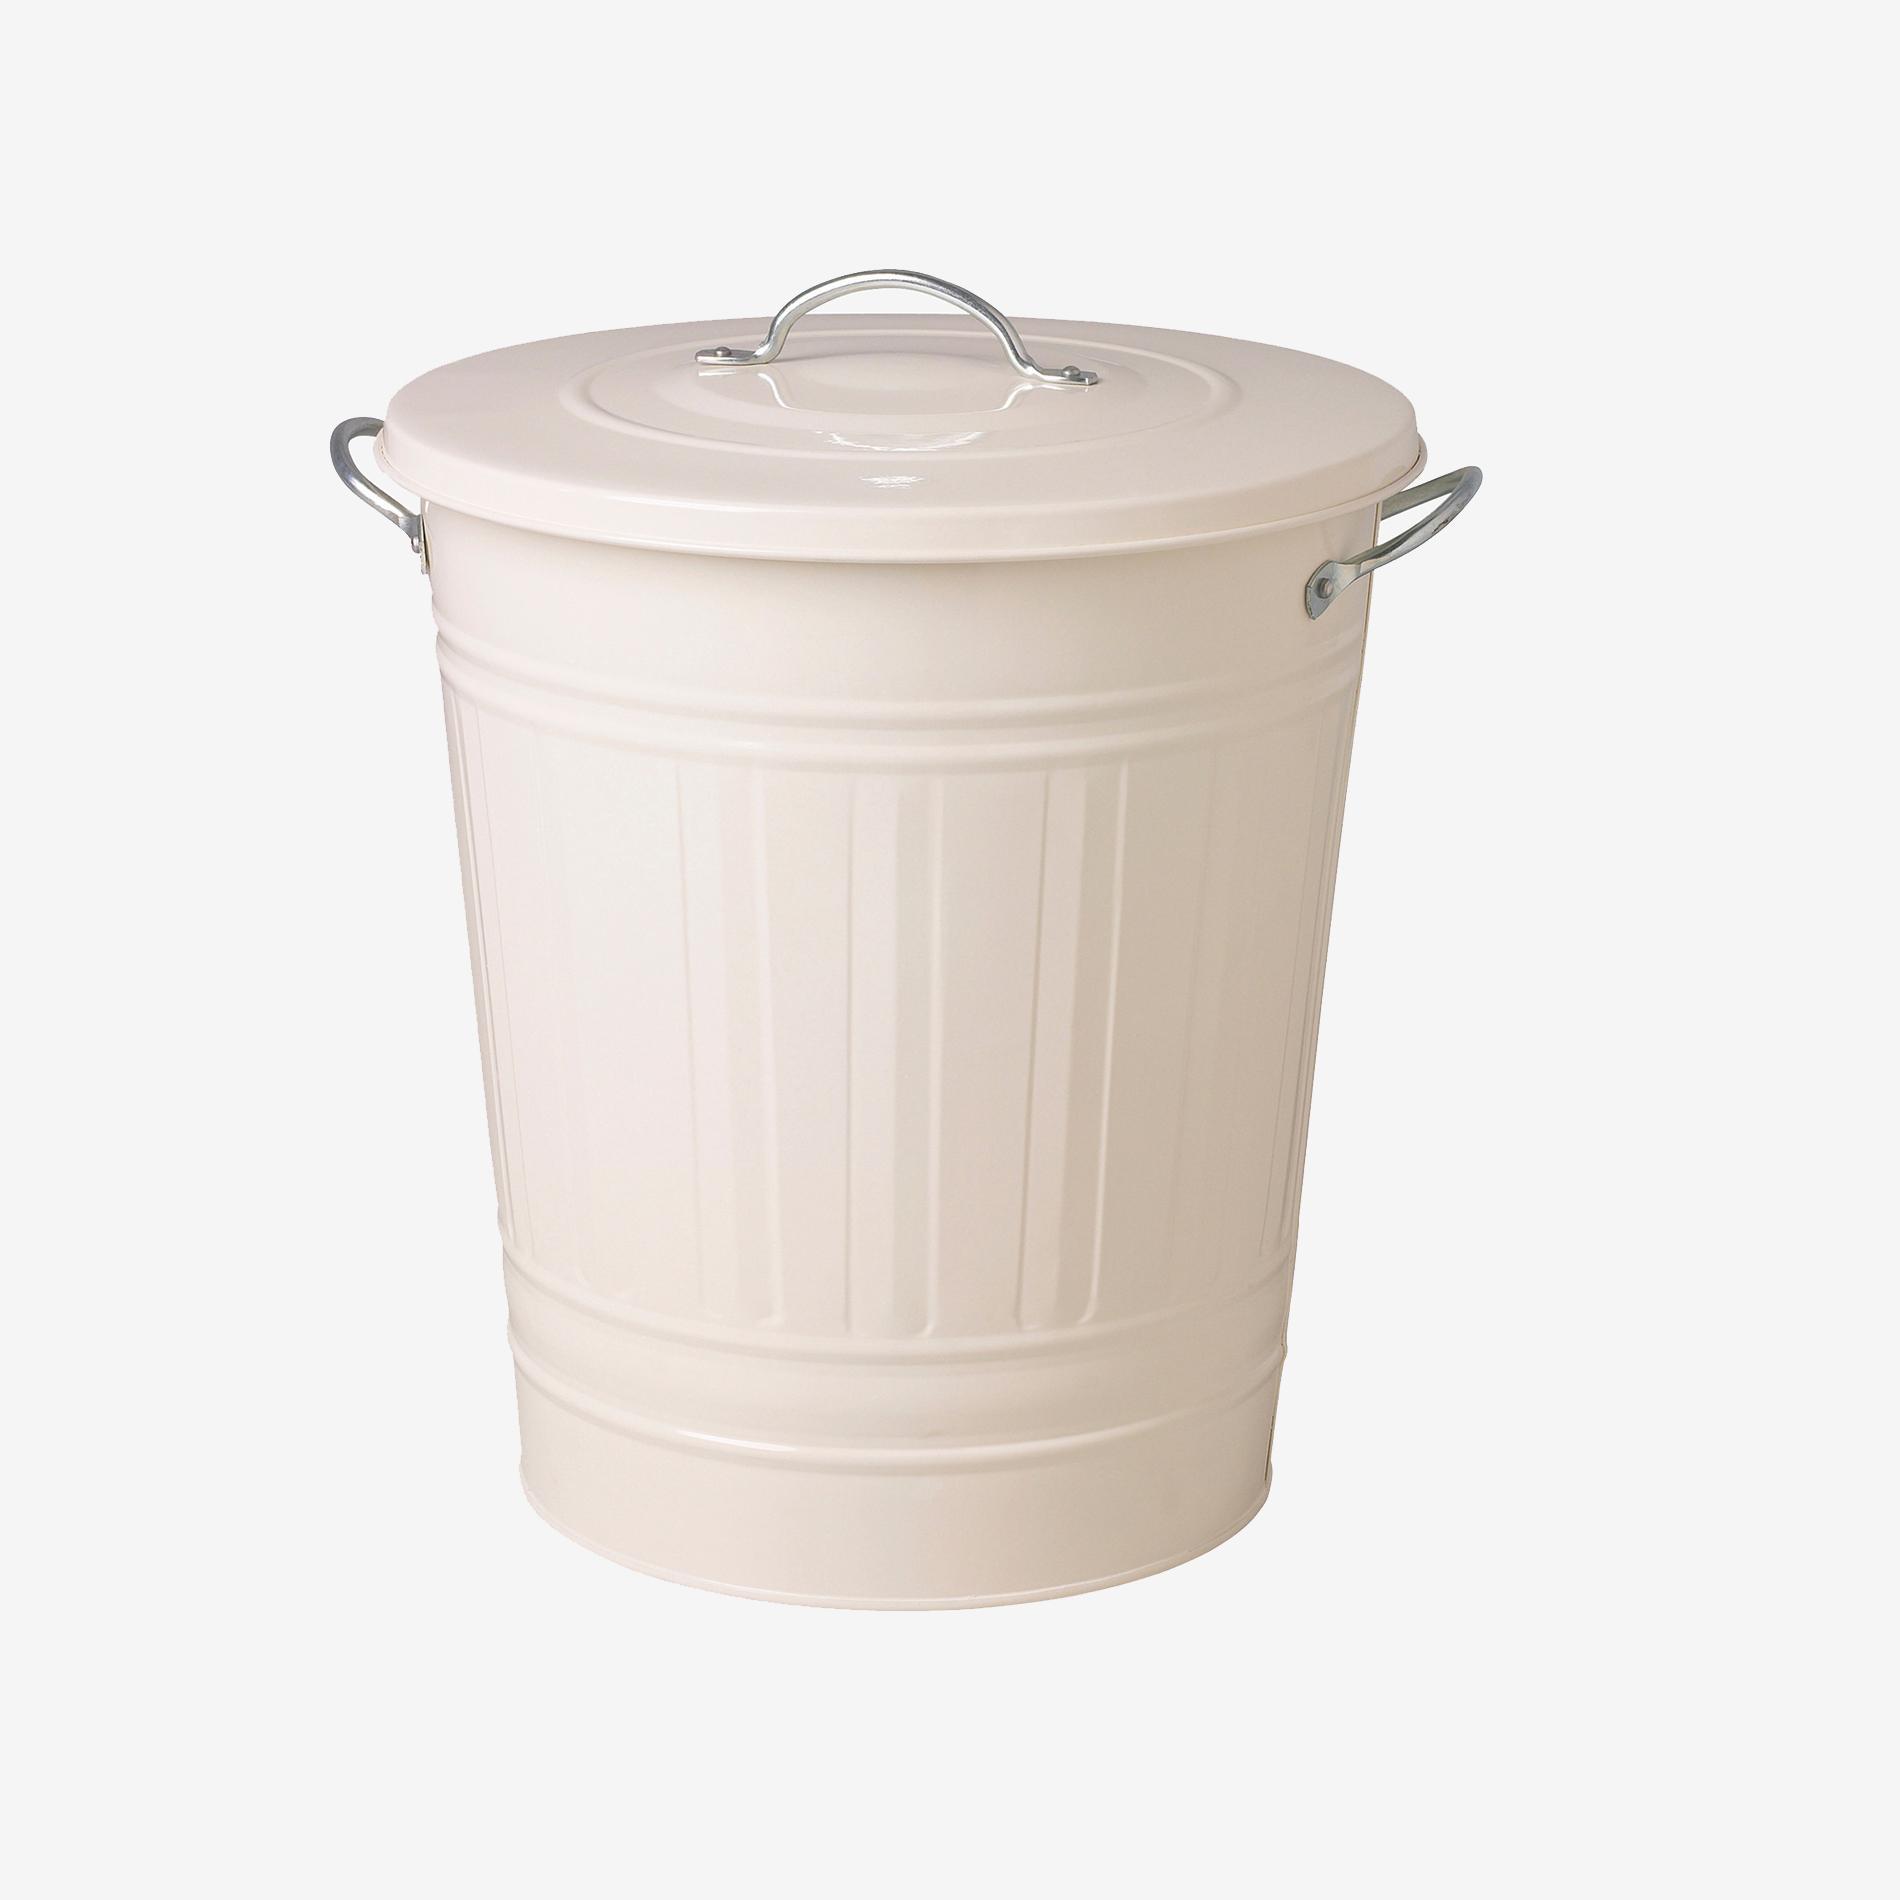 poubelle scandinave excellent corbeille papier poubelle de bureau blanche en vente poubelle. Black Bedroom Furniture Sets. Home Design Ideas